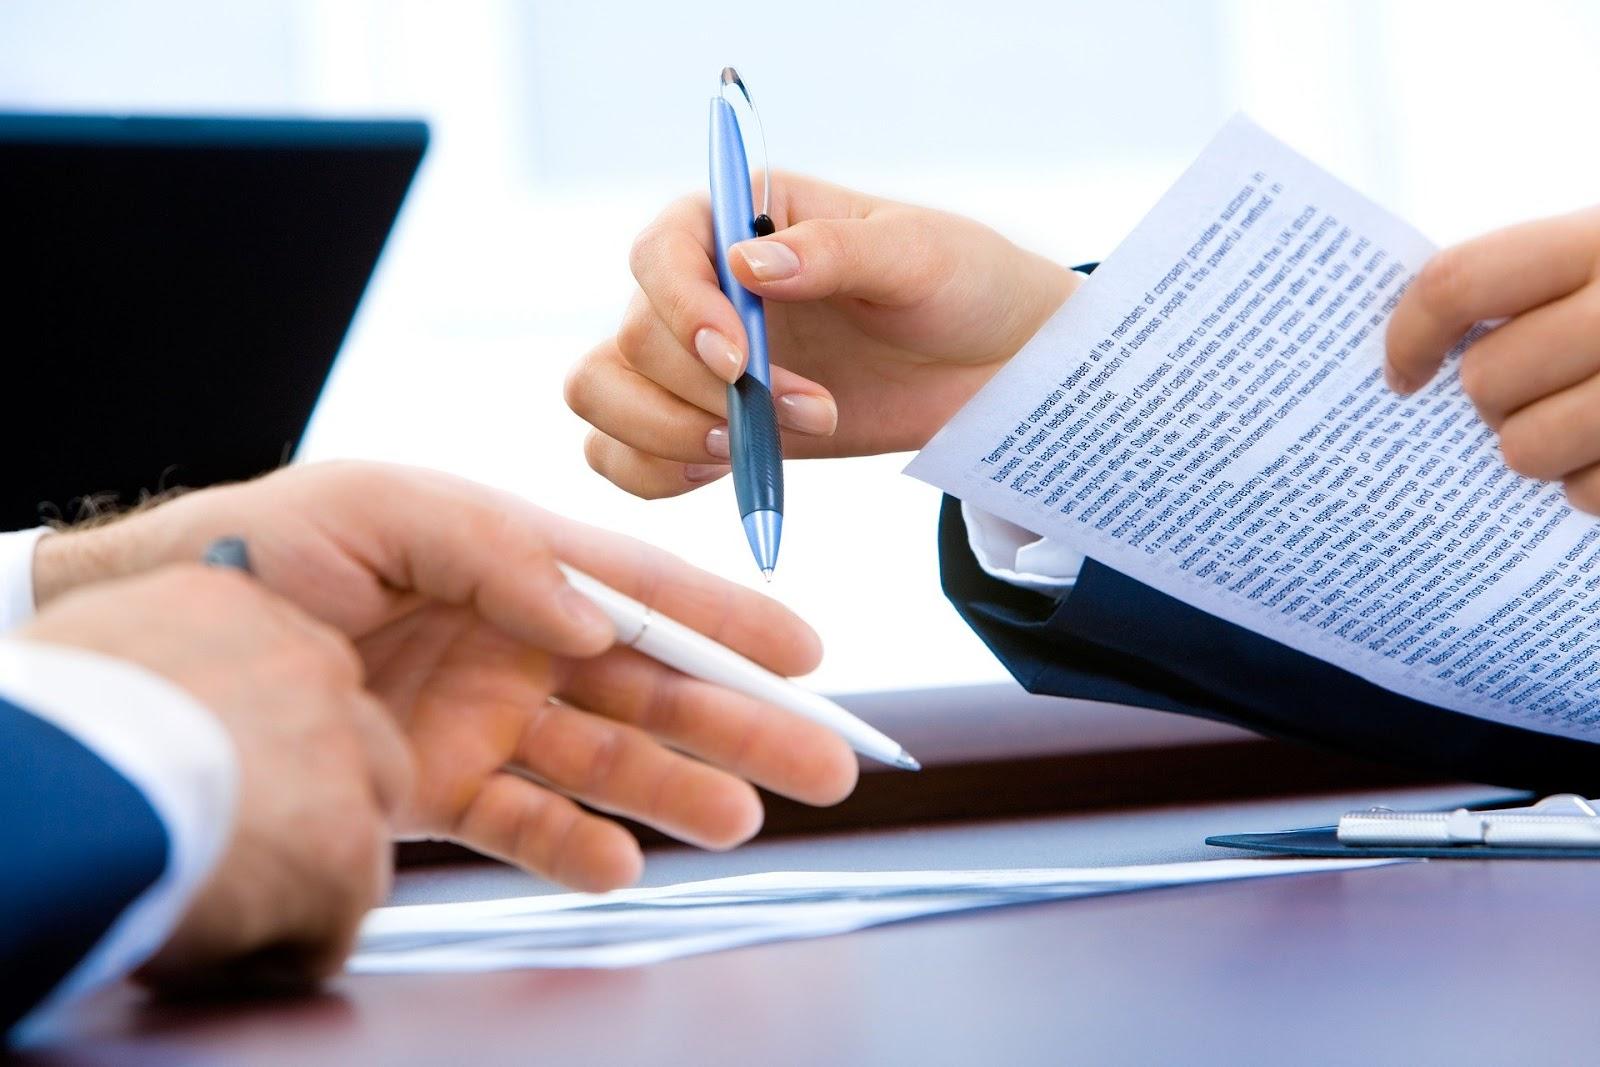 Na imagem temos a presença de dois pares de mãos sobre uma mesa. Ao fundo, temos um notebook de costas. O par de mãos a direita é feminino e está segurando um papel em uma mão e uma caneta azul em outra mão. À esquerda, temos o par de mão masculinos, uma mão está assinando um papel e a outra segura uma caneta branca.  A imagem tem como objetivo enfatizar a importância da Lei geral de proteção de dados durante transações presenciais.